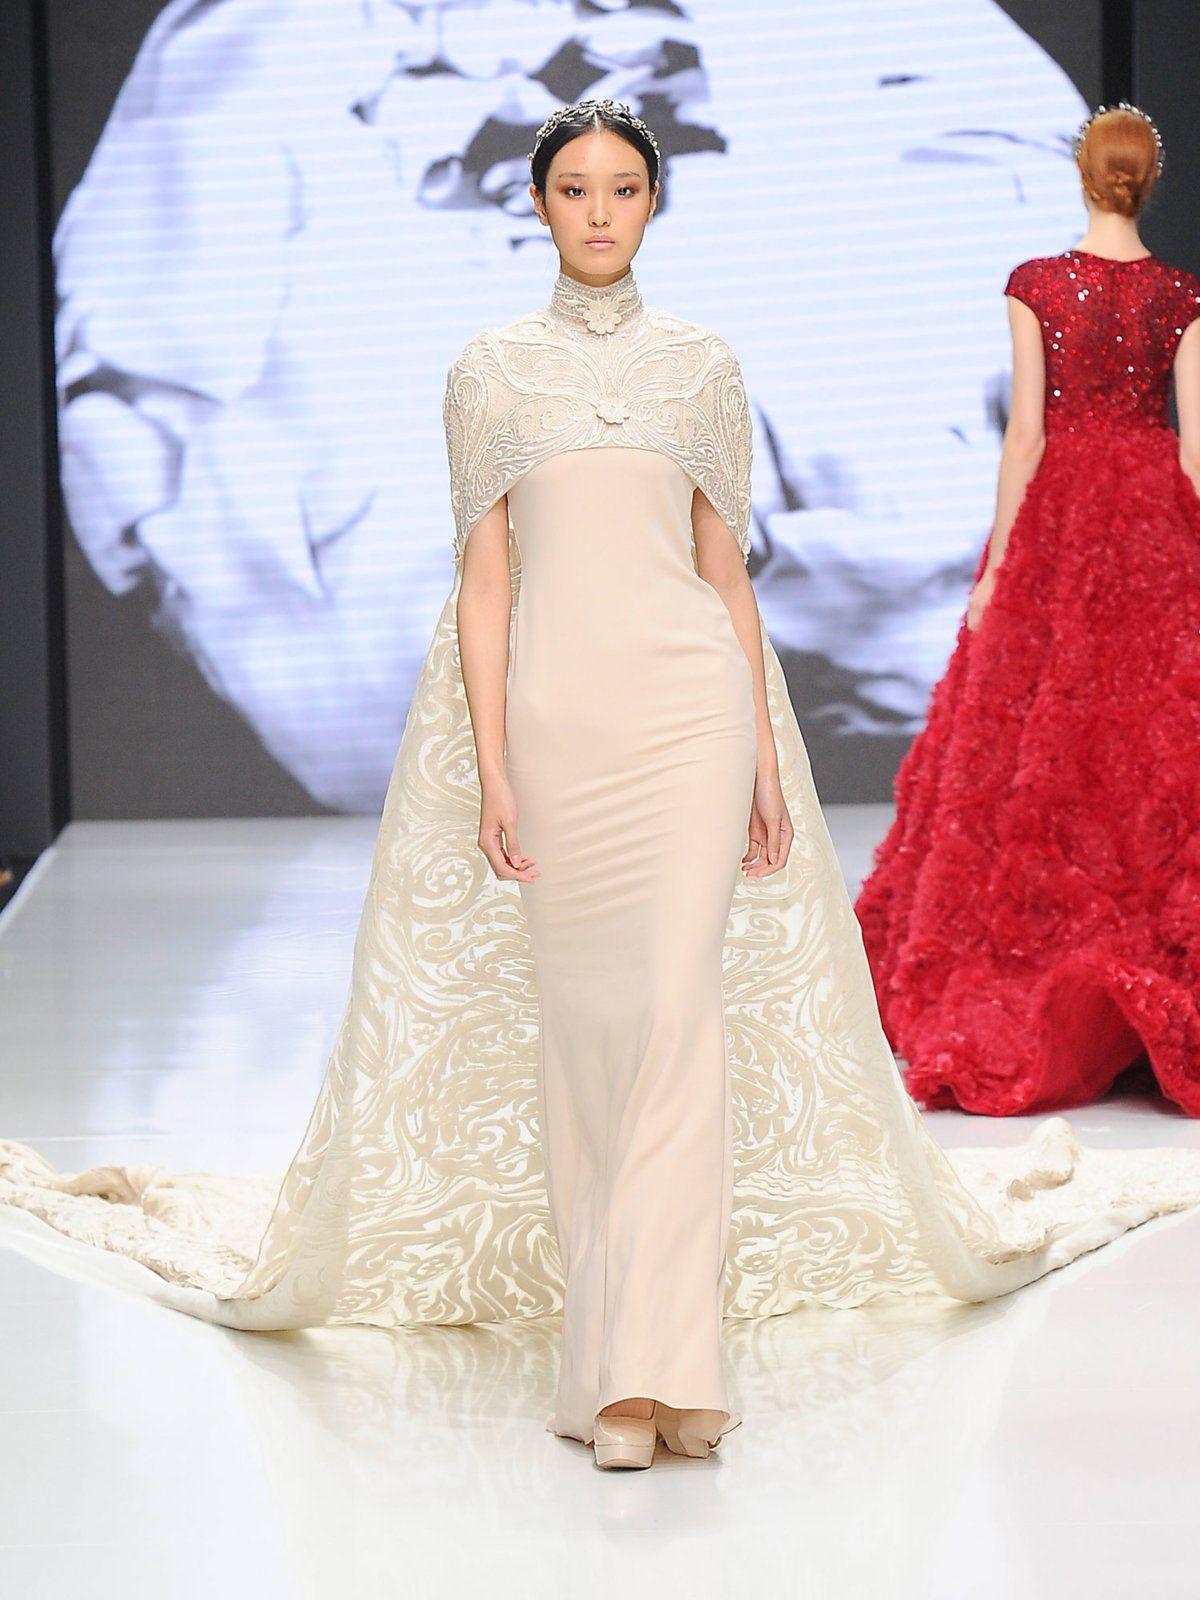 Hochzeitskleid Skorpion  Mode Glamour Modestil